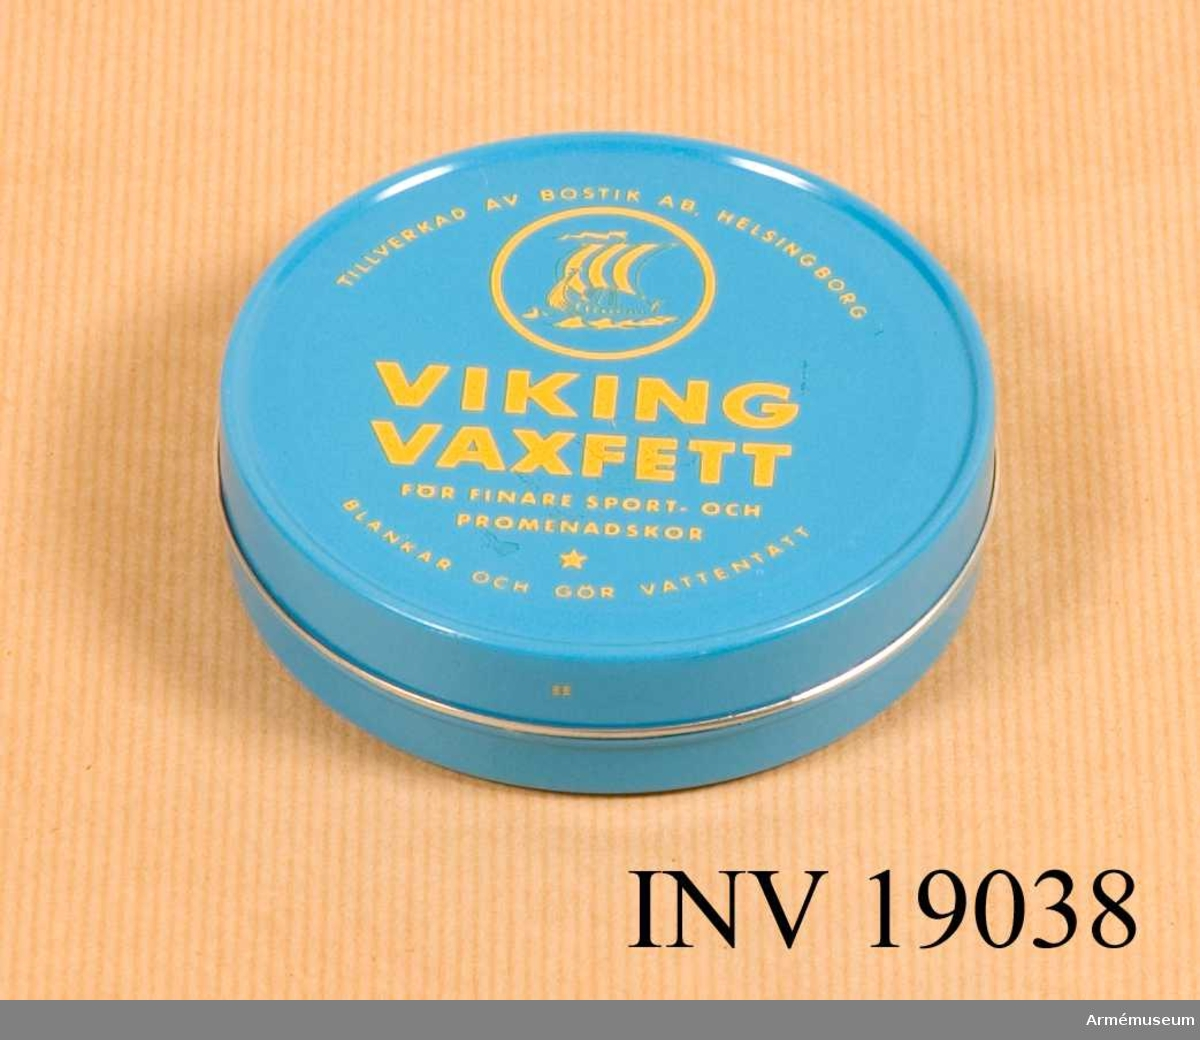 Viking vaxfett tillverkad av Bostik, Helsingborg för finare sport och promenadskor. Blankar och gör vatentätt. En blåmålad  plåtburk innehållande en ofärgad skokräm. Text i gult på över och undersidan. Burken är rund och består av botten och lock.